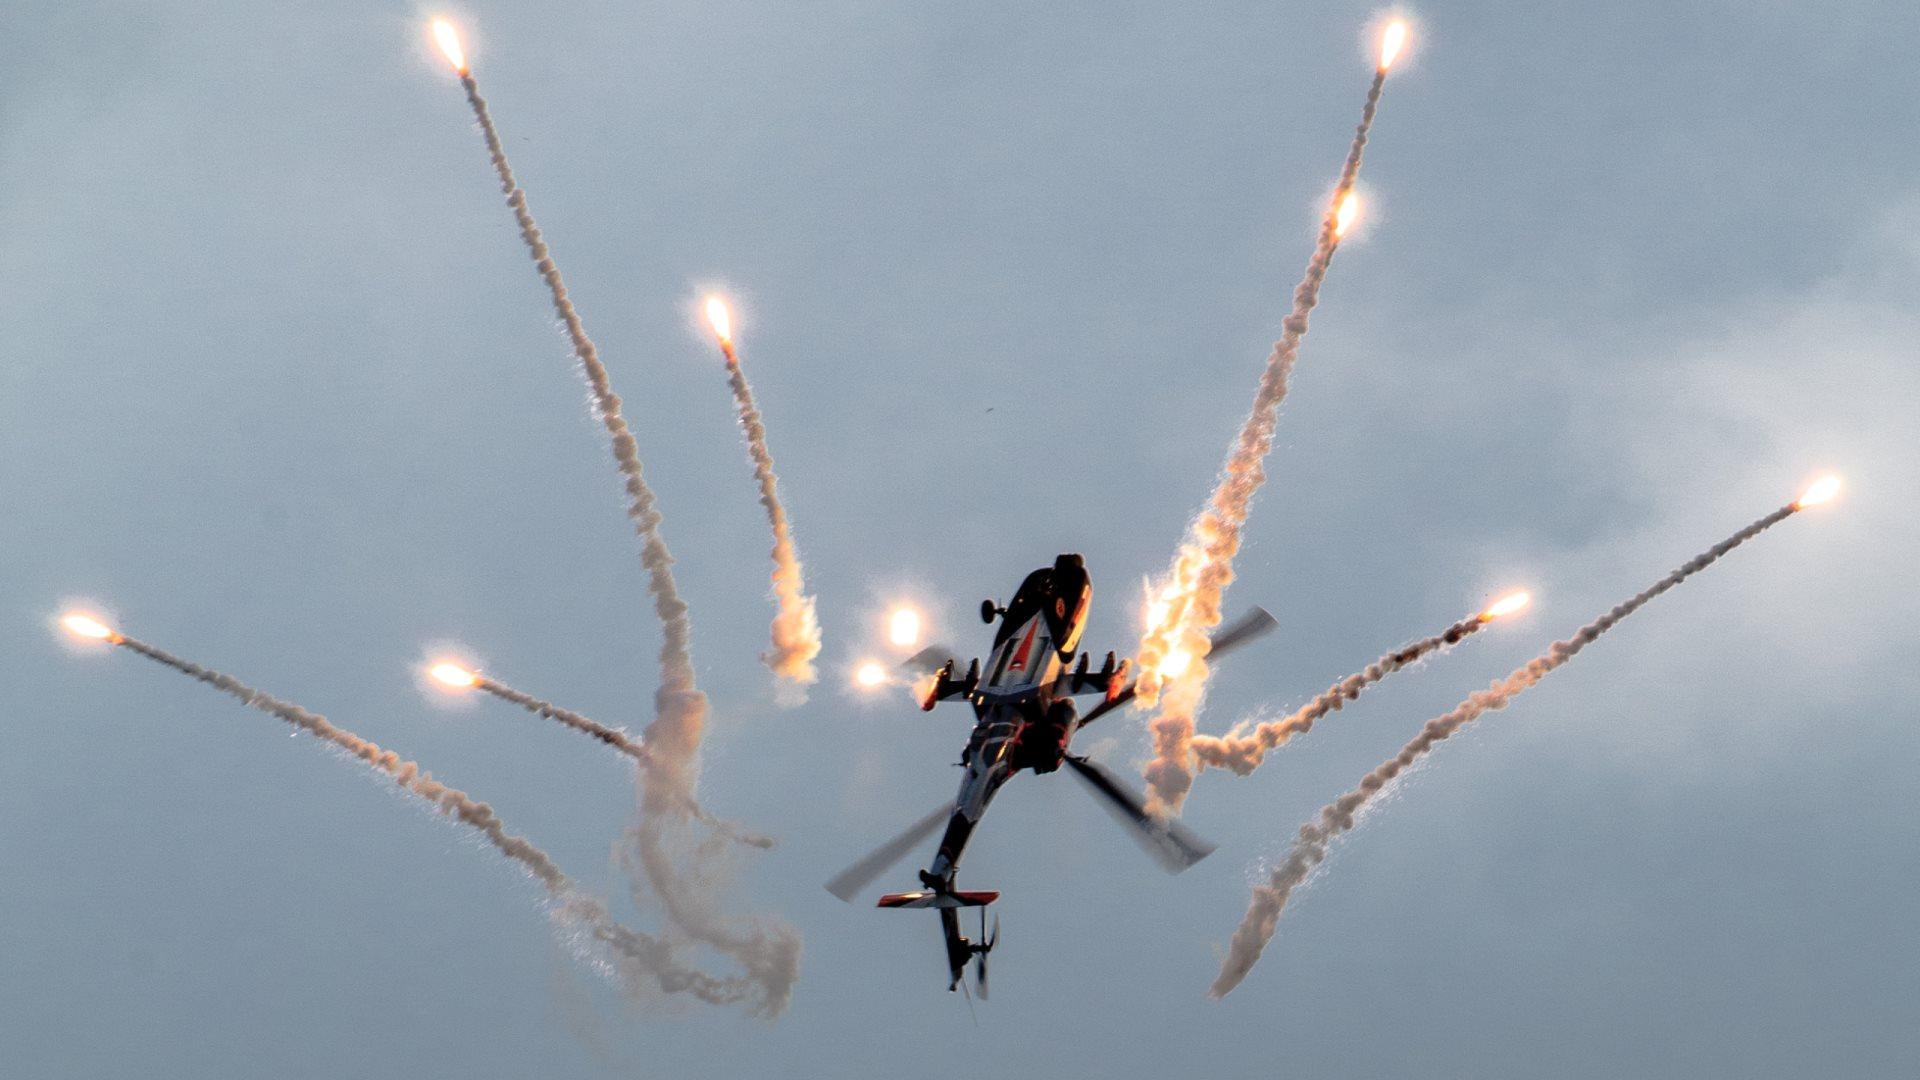 """""""Полет на предельно малой высоте"""", - работа украинских вертолетчиков в зоне АТО - Цензор.НЕТ 5127"""